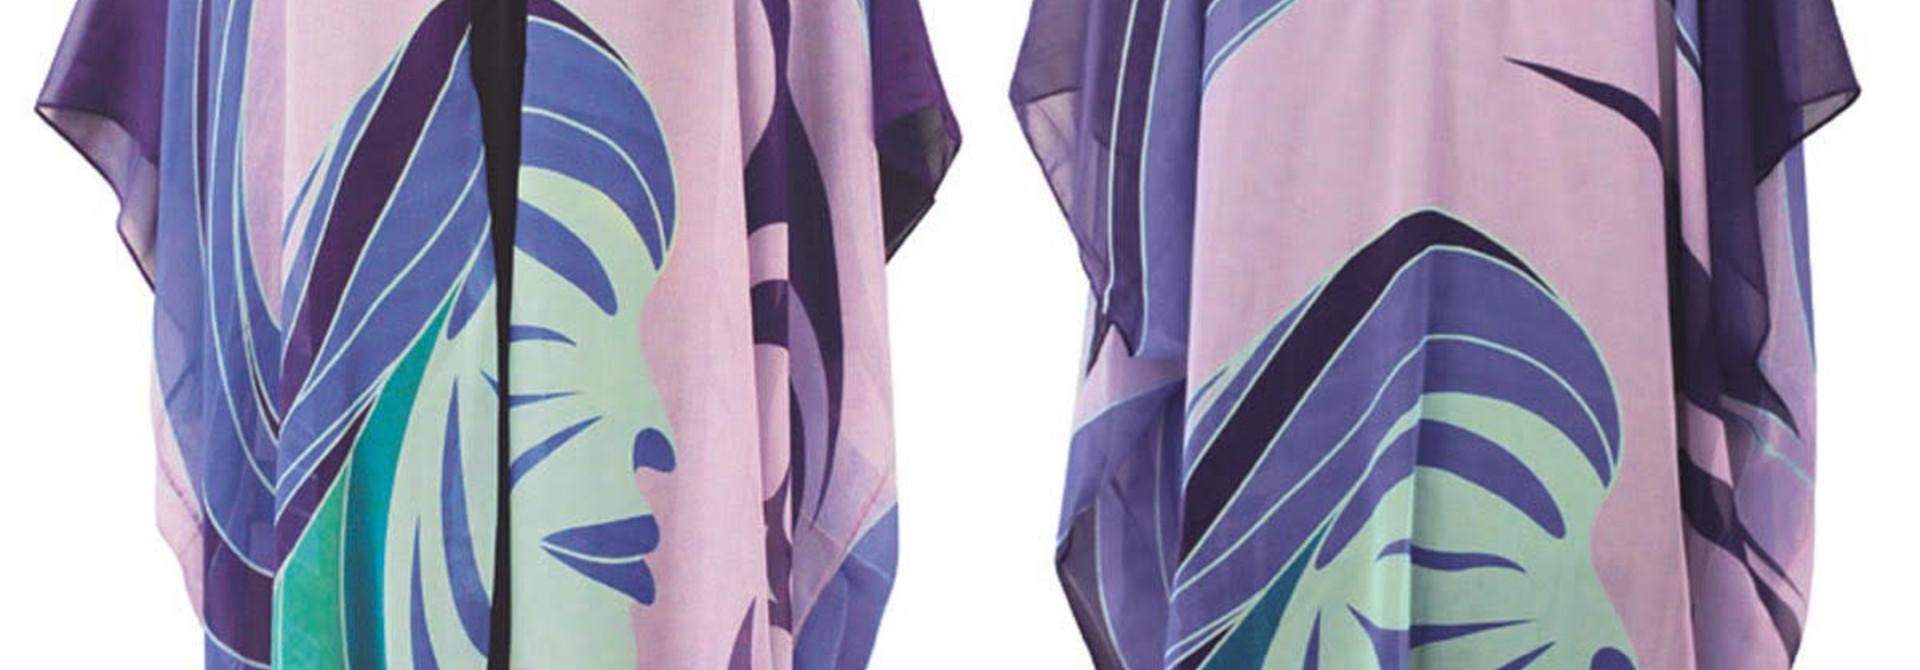 Sheer Fashion Wrap Matriarchal Power- Simone Diamond